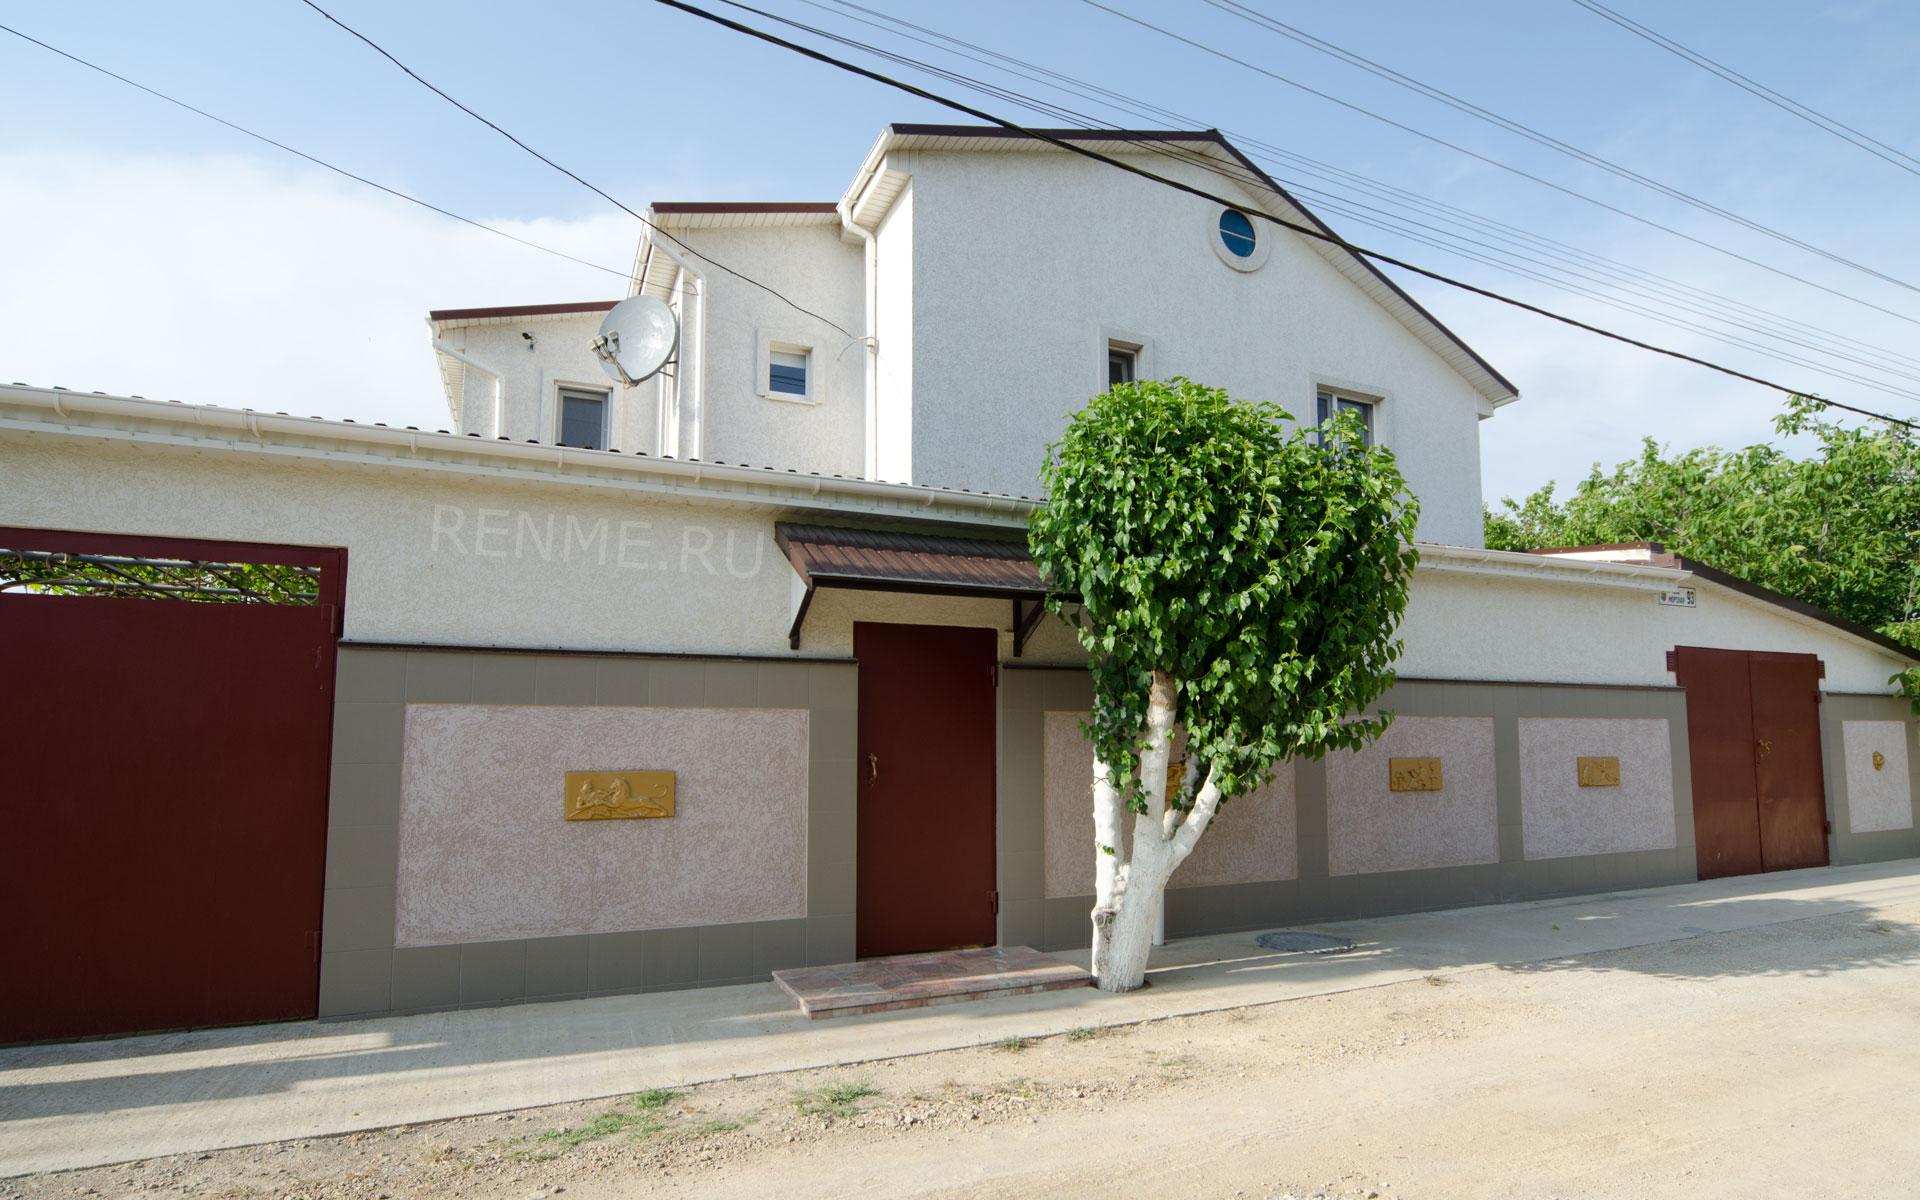 Дом с улицы